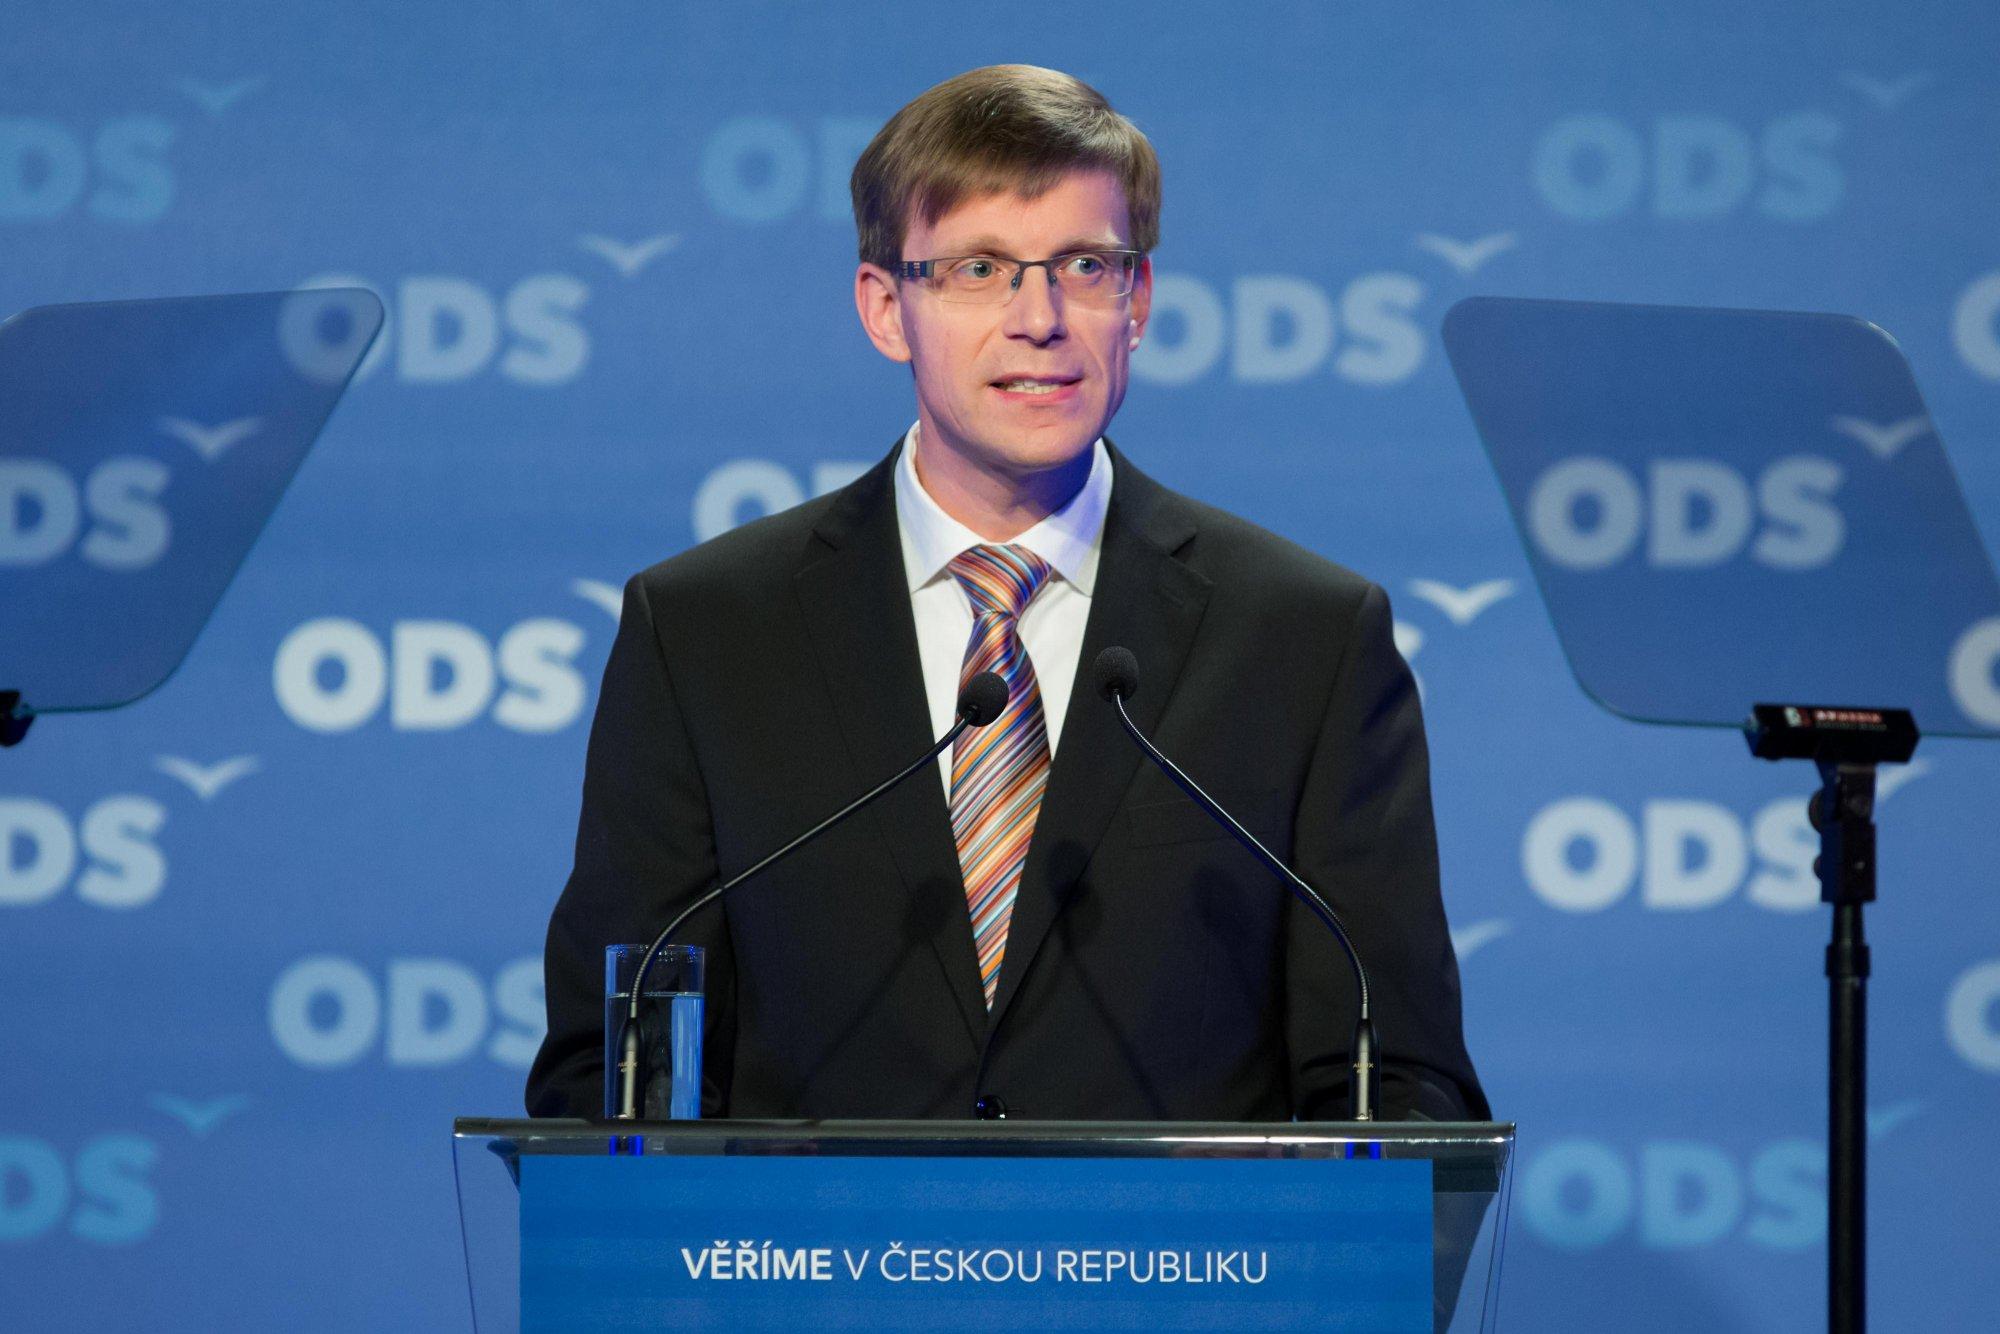 Názorový veletoč ANO pohřbil návrh ODS na zrušení zbytečné regulace